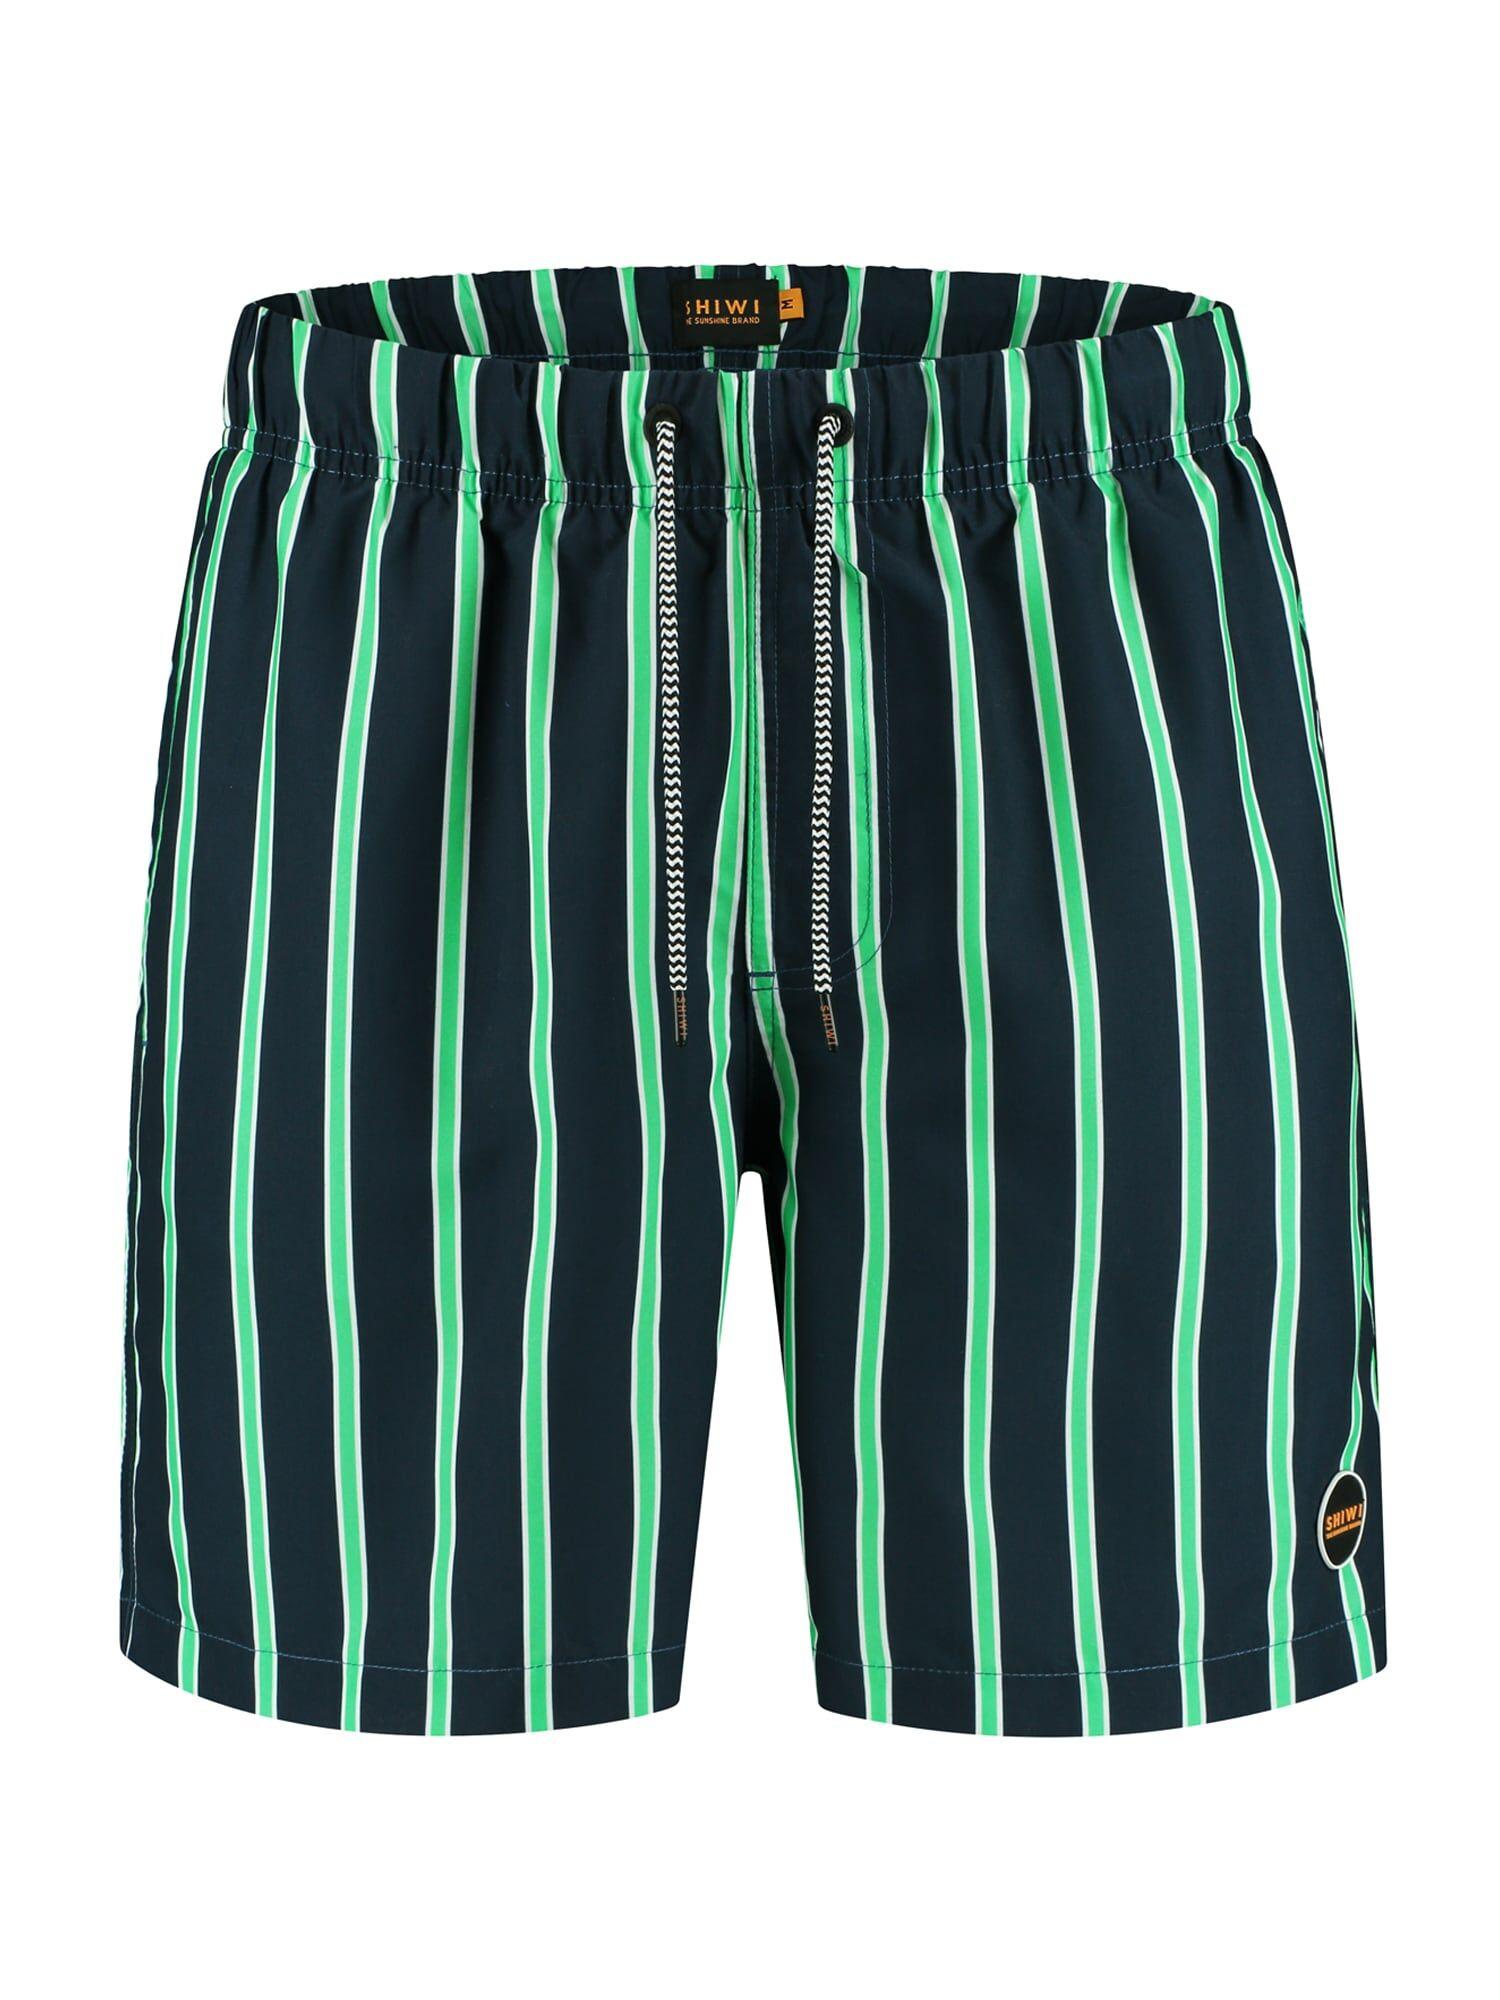 Shiwi Shorts de bain  - Bleu - Taille: XL - male